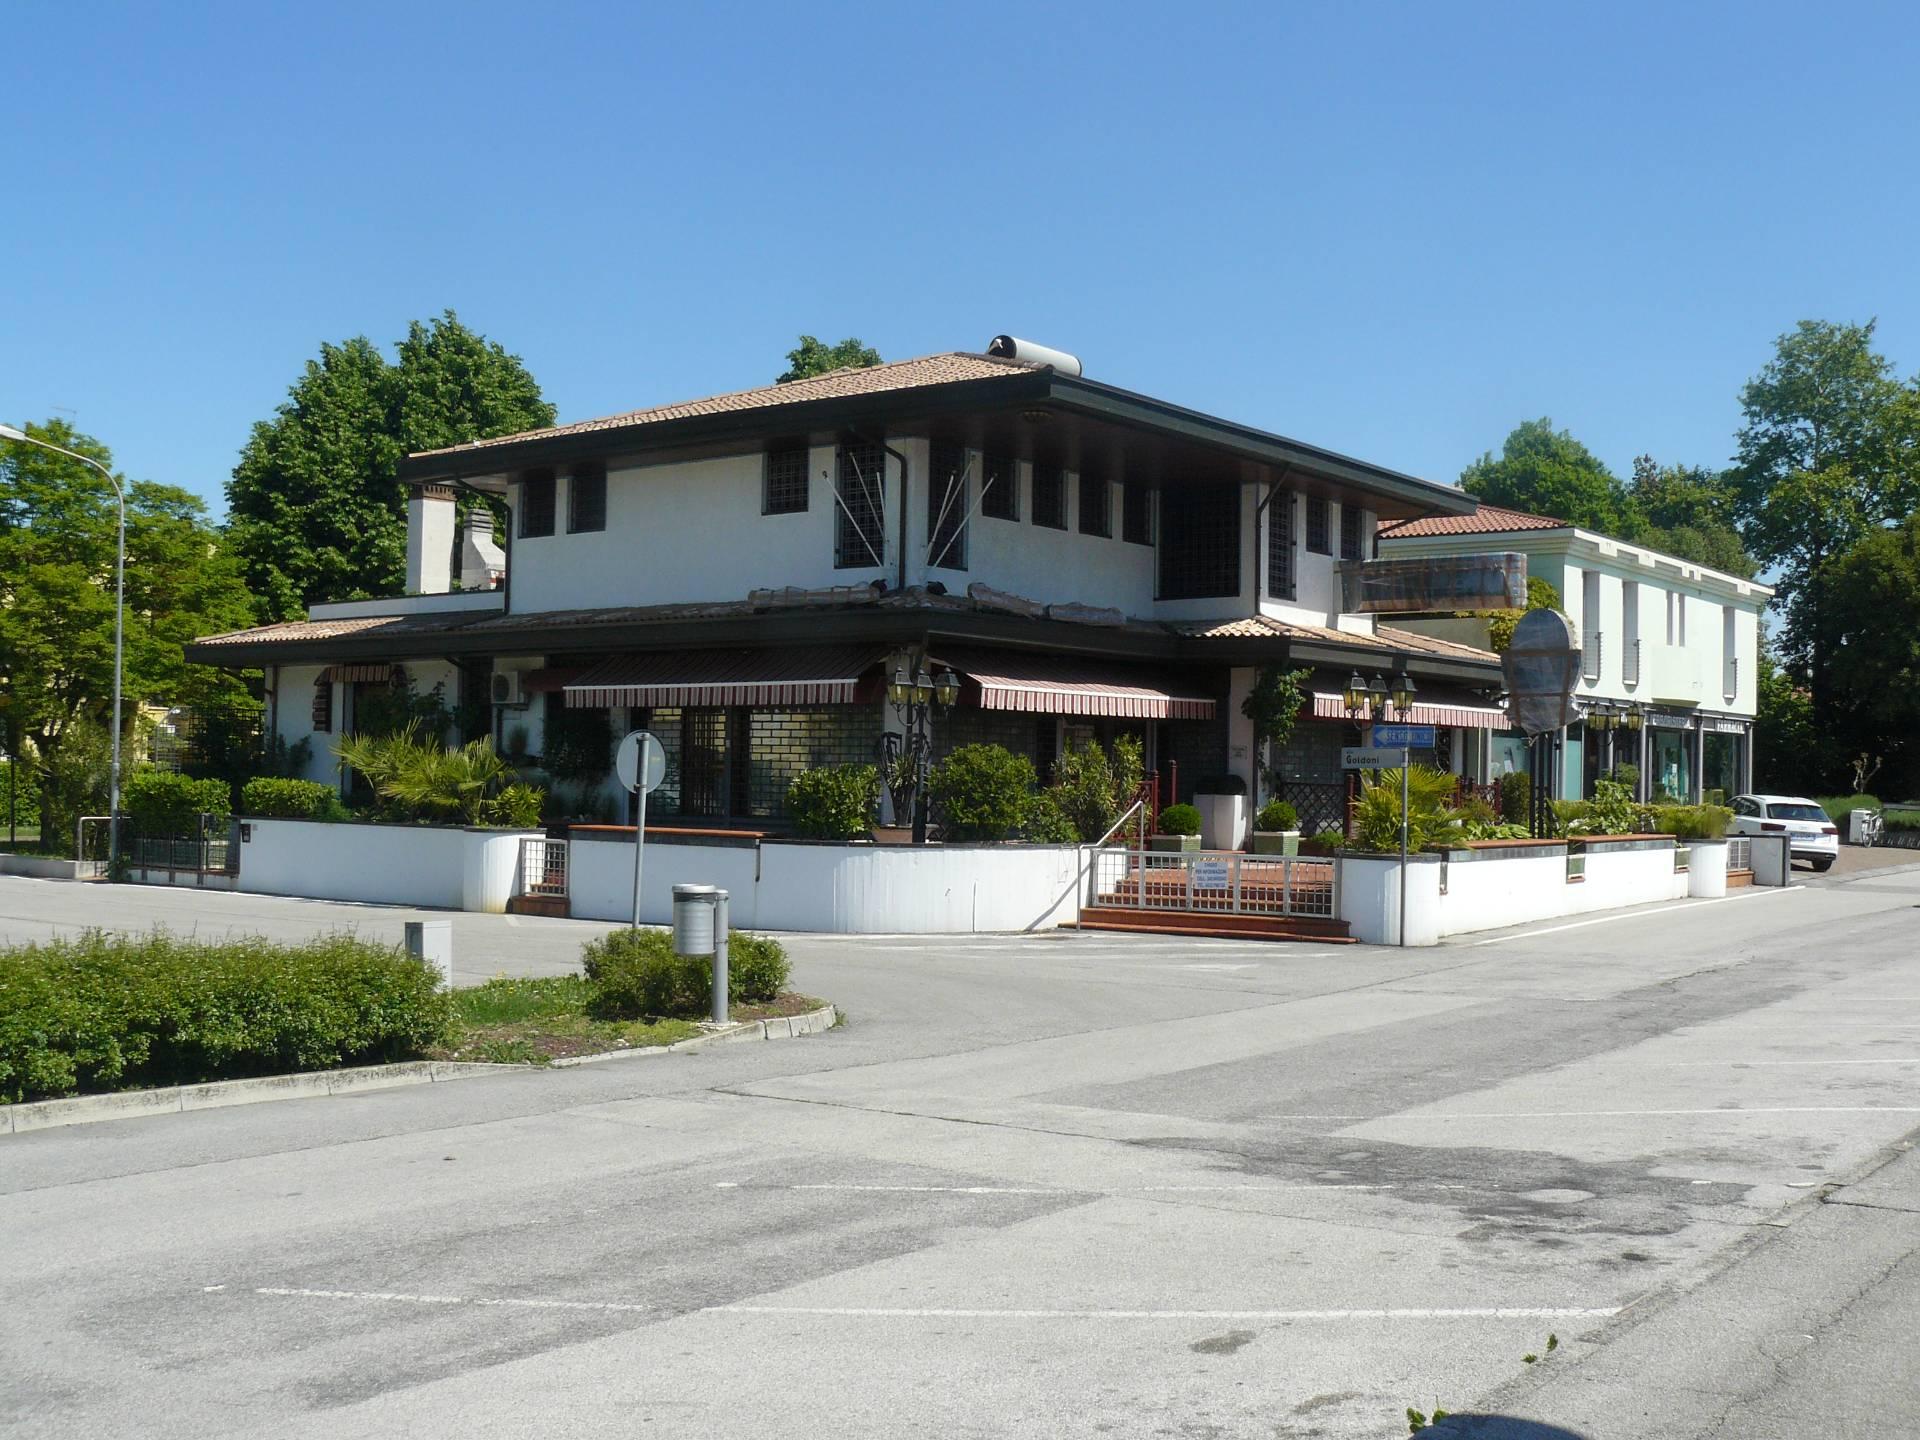 Negozio / Locale in vendita a San Biagio di Callalta, 9999 locali, zona Località: Centro, prezzo € 800.000 | CambioCasa.it